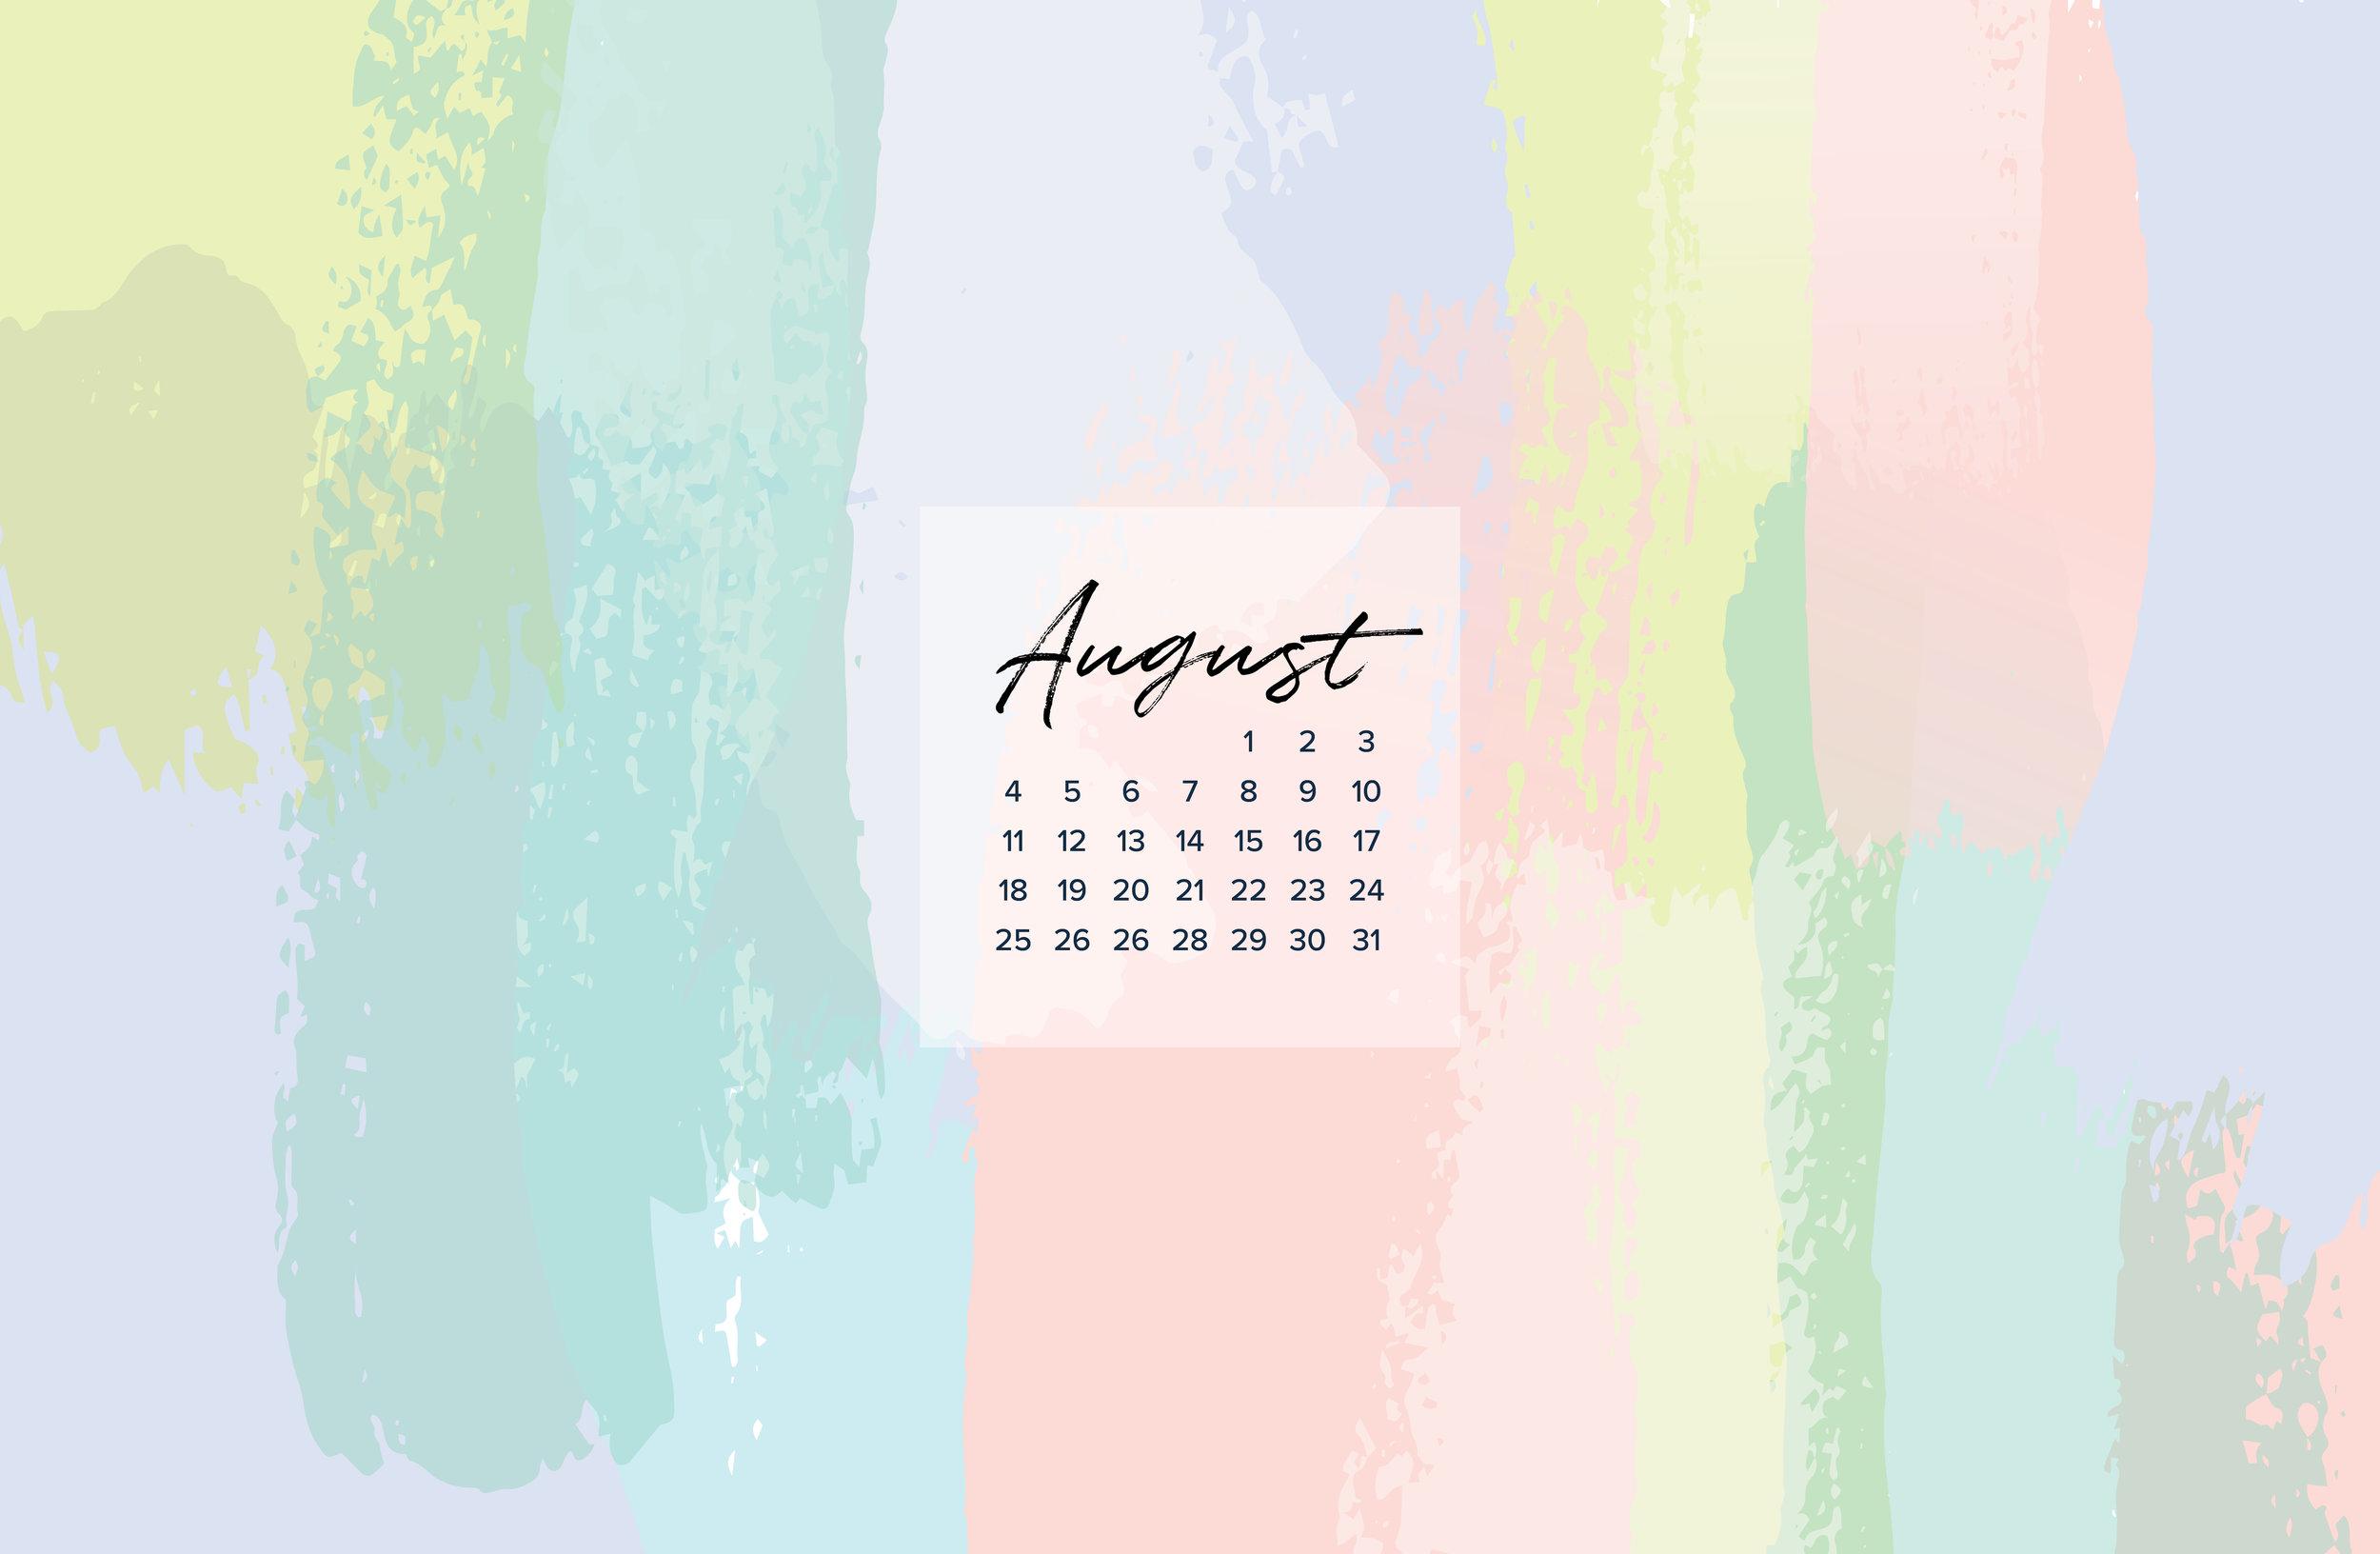 August_Summer_Freebies_1.jpg